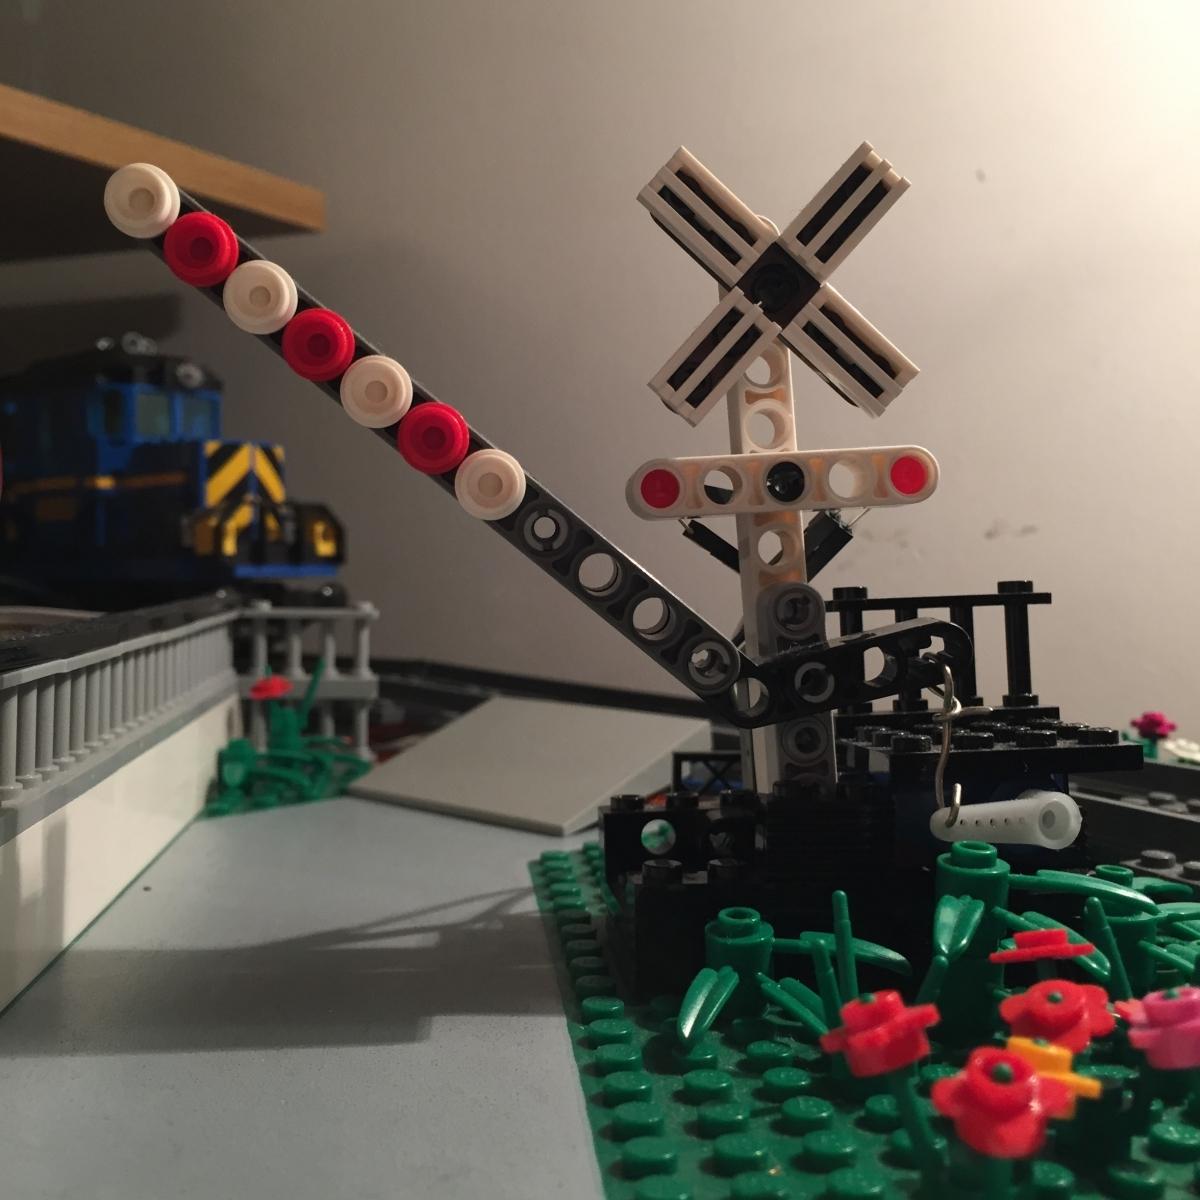 Train Crossing Sensor Servo And Leds Internet Of Lego